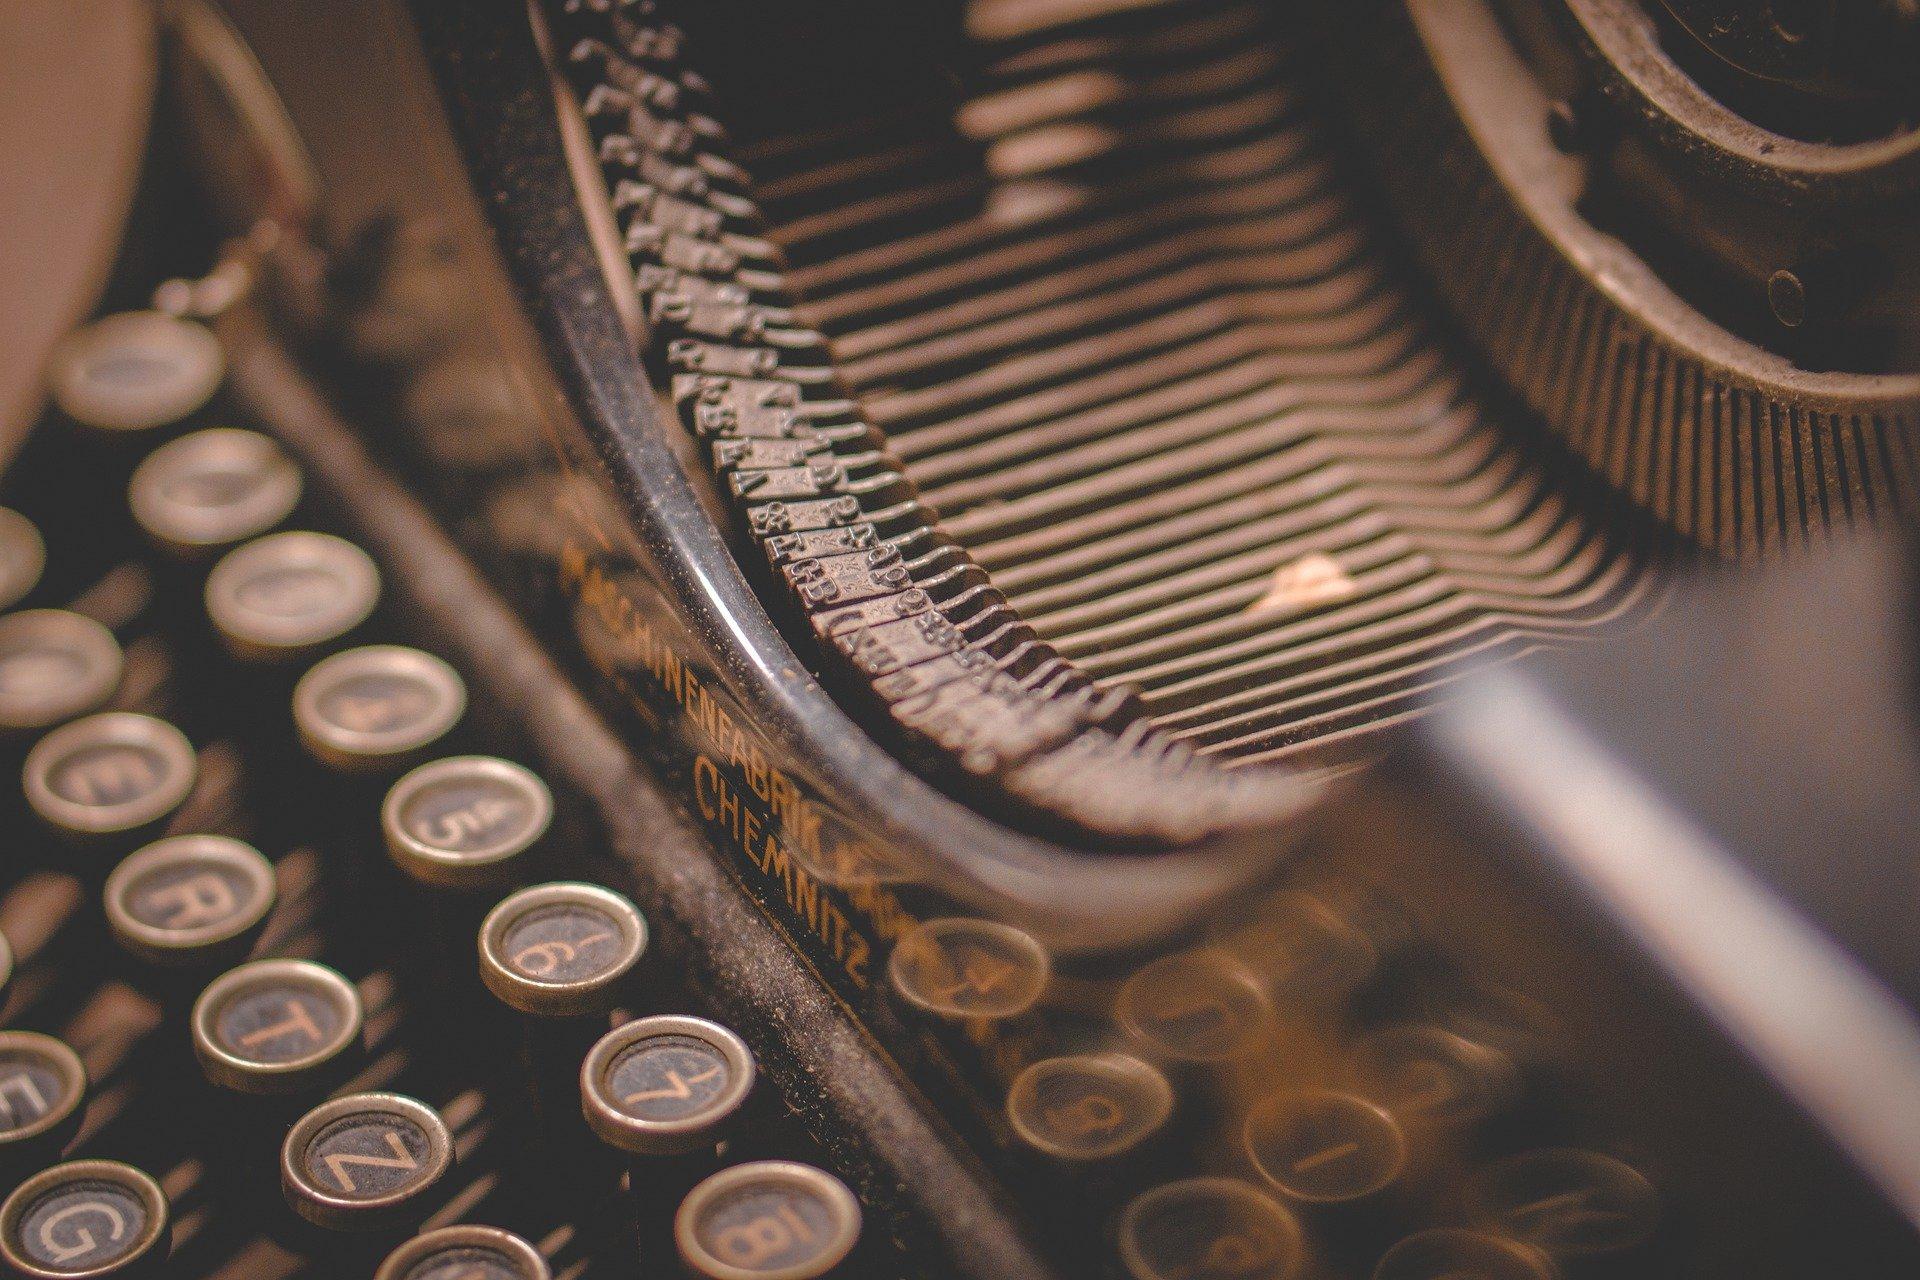 rédacteur web et écrivain public, pour faire en ligne des courriers ou des modèles de curriculum vitae modernes et savoir écrire des articles blog ou bien construire un texte pour un reportage